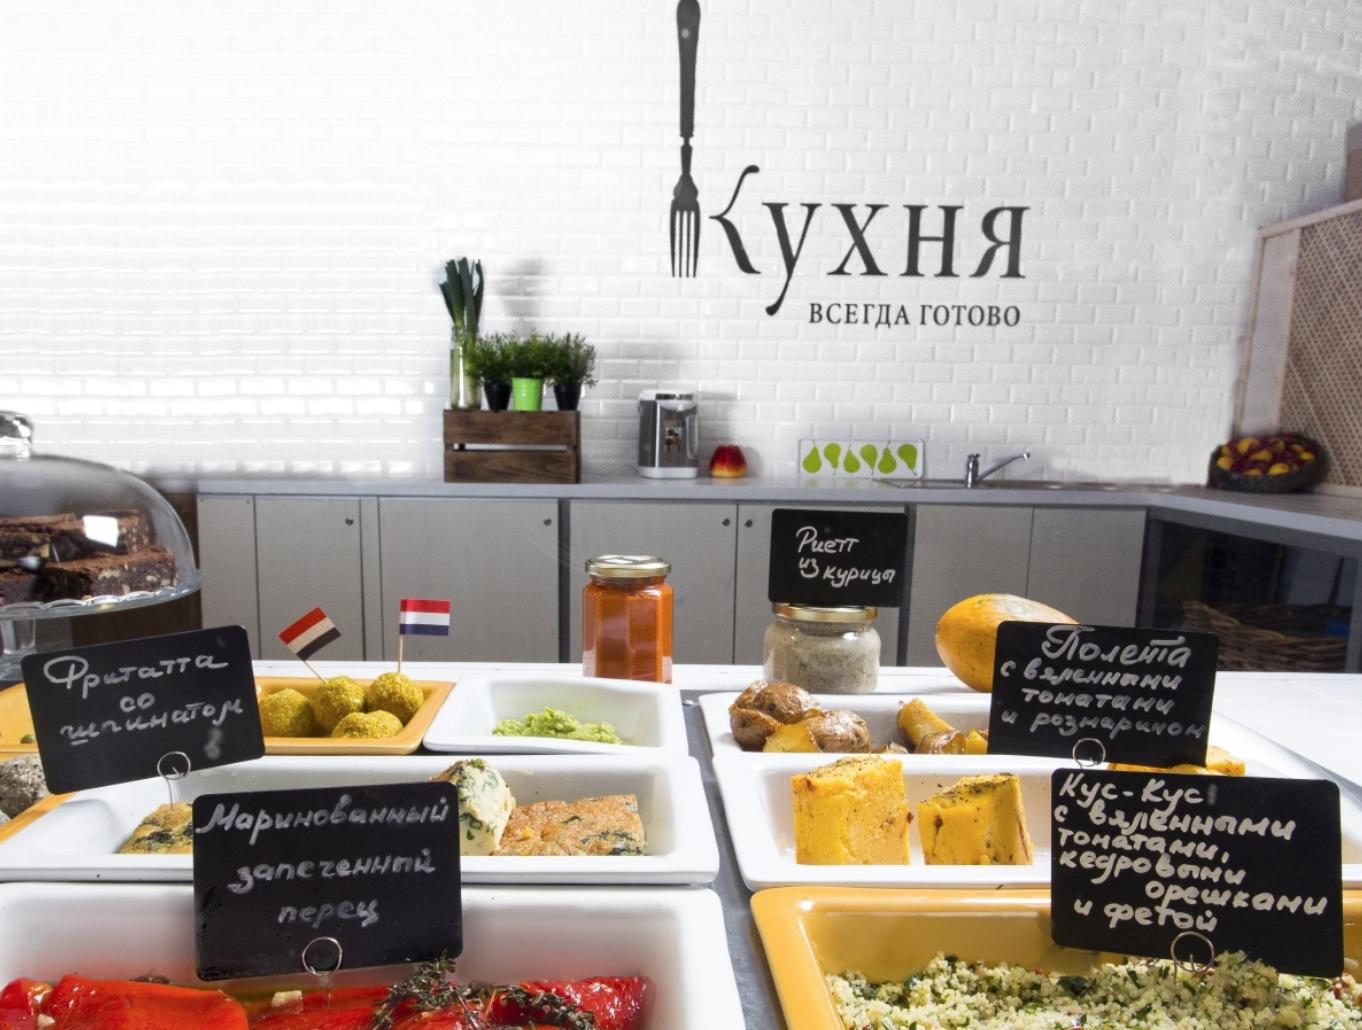 Новая гастрономическая кулинария на Даниловском рынке - Кухня. Все готово